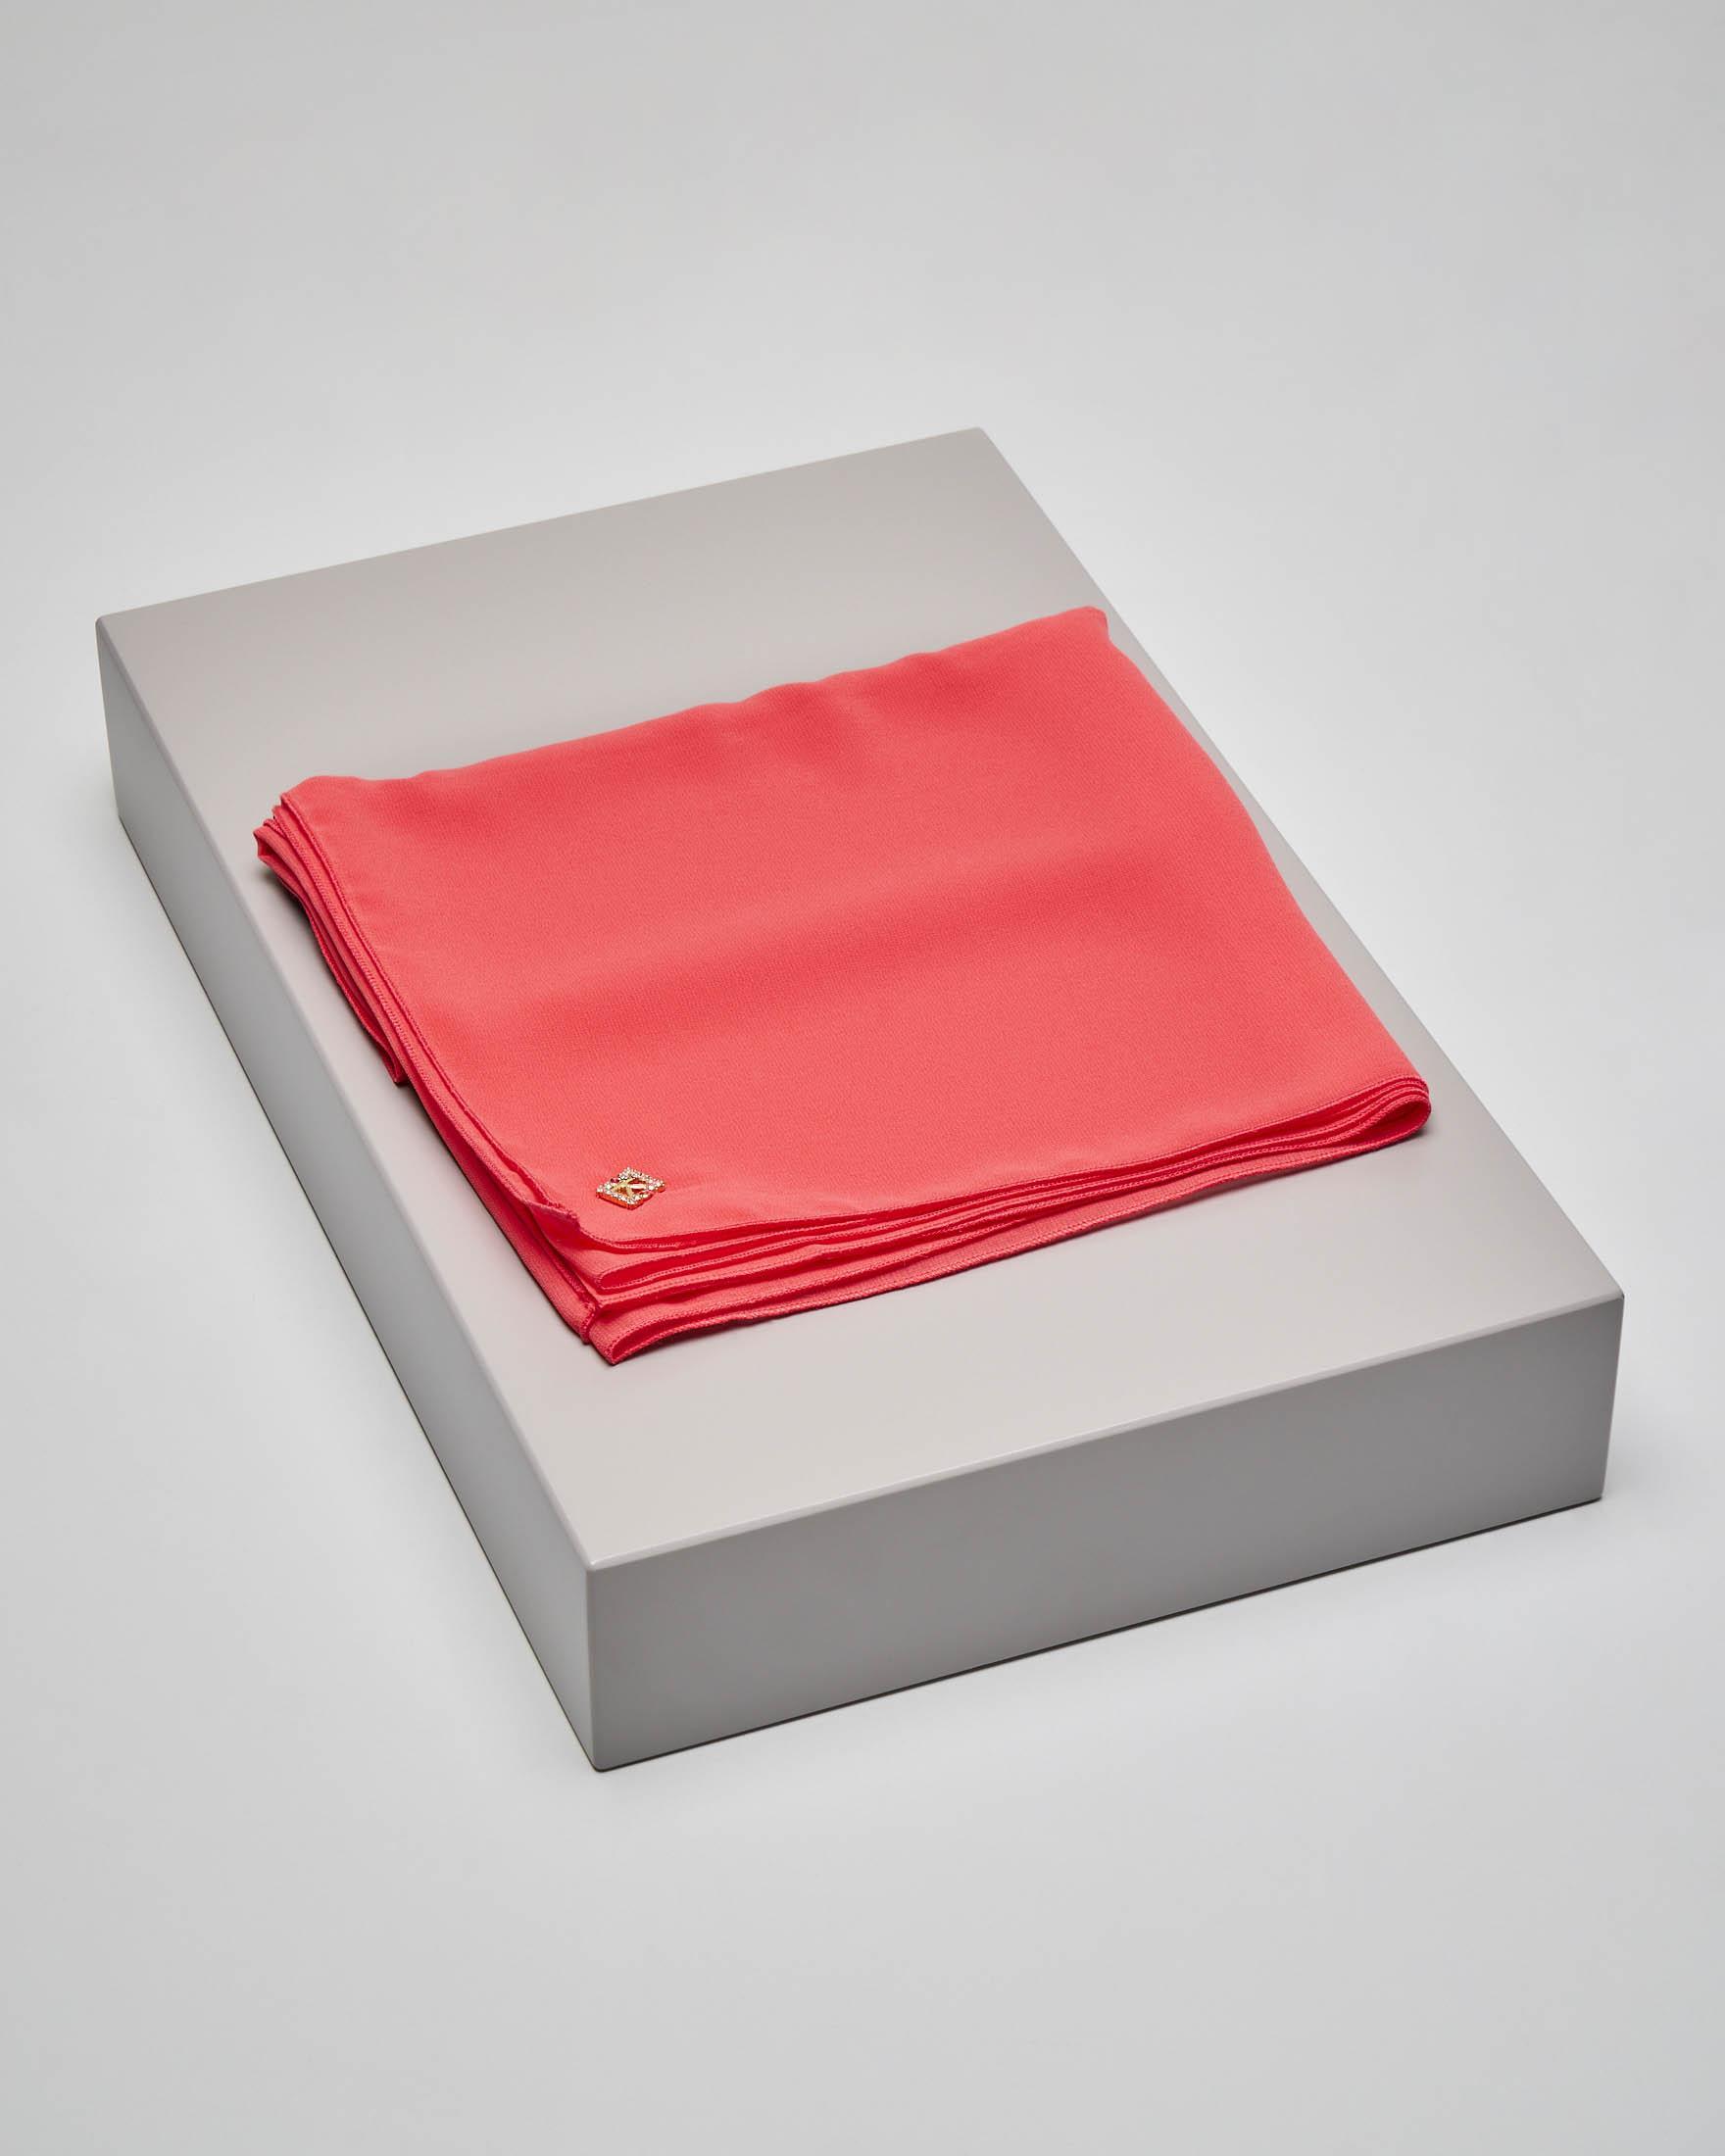 Stola color corallo in tessuto effetto chiffon di seta